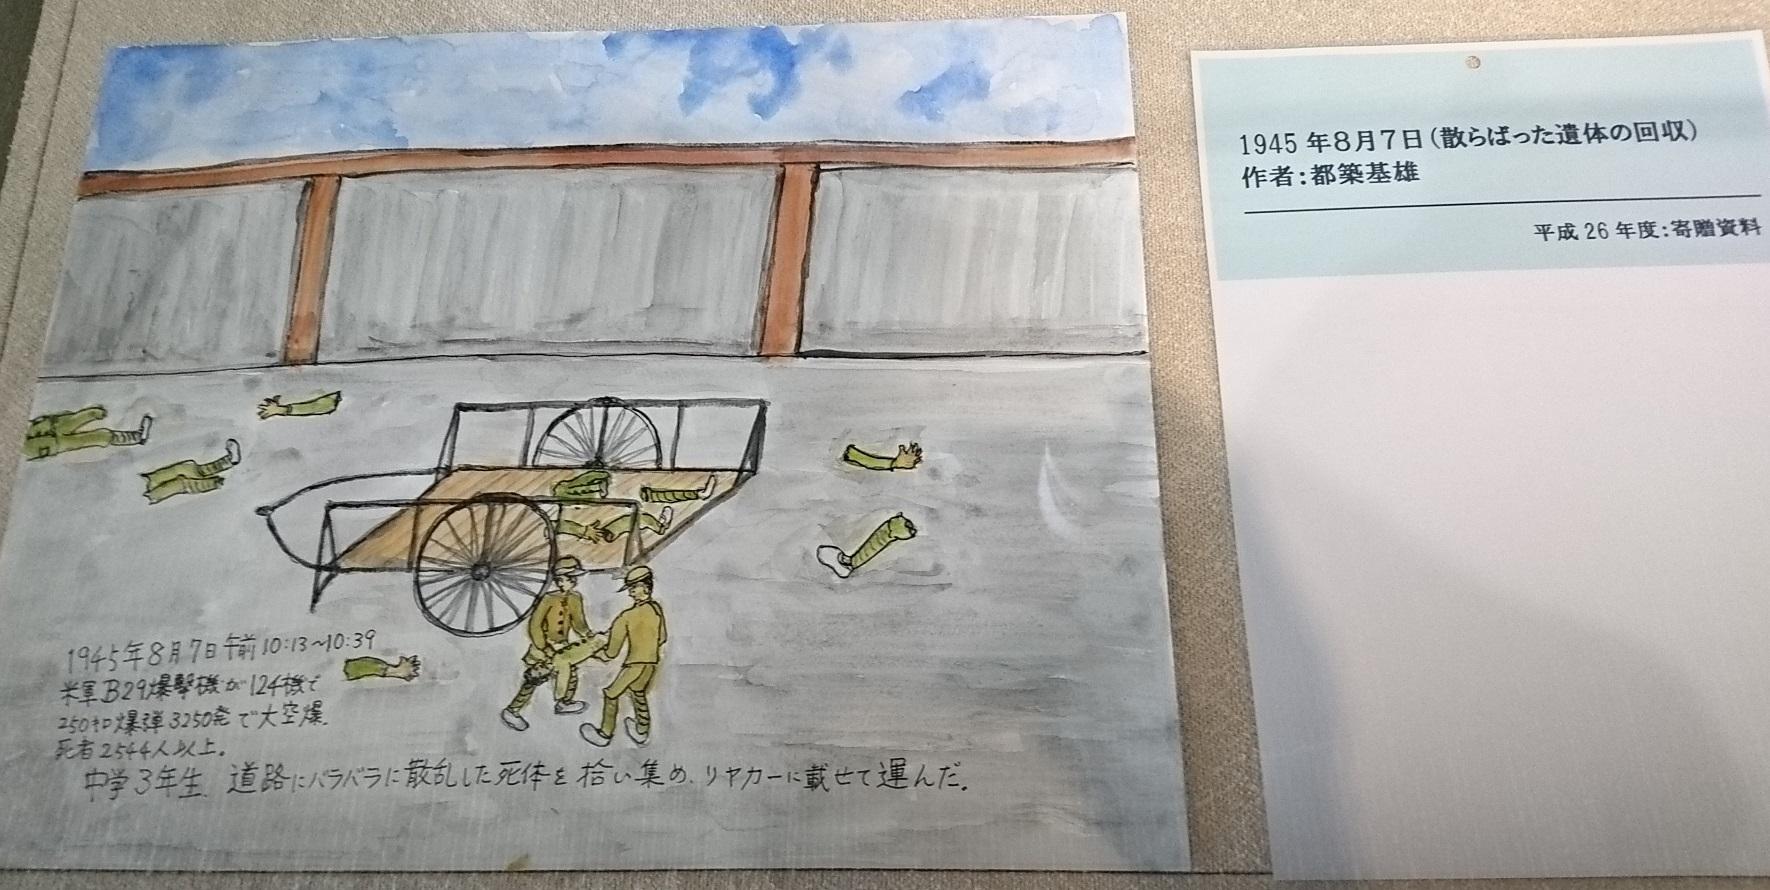 2017.8.30 豊川海軍工廠展 (7) 『ちらばった遺体の回収』 1770-890